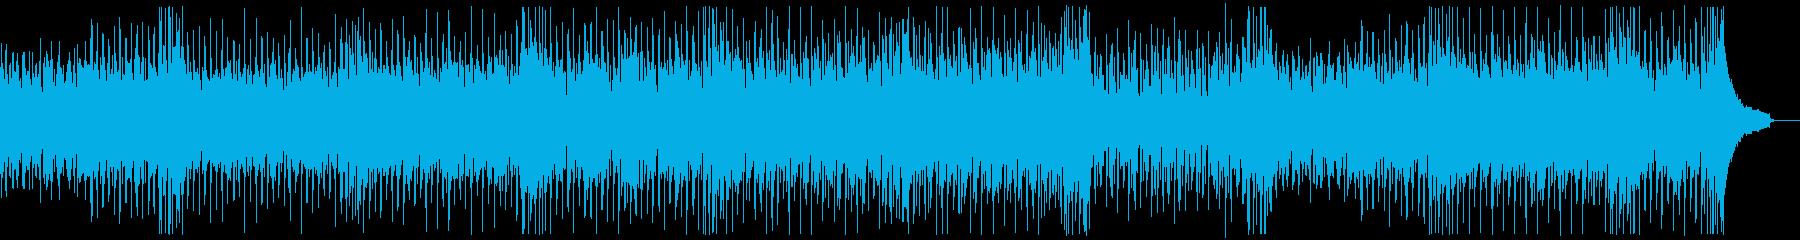 ファンキーイベントオープニング:フルx1の再生済みの波形